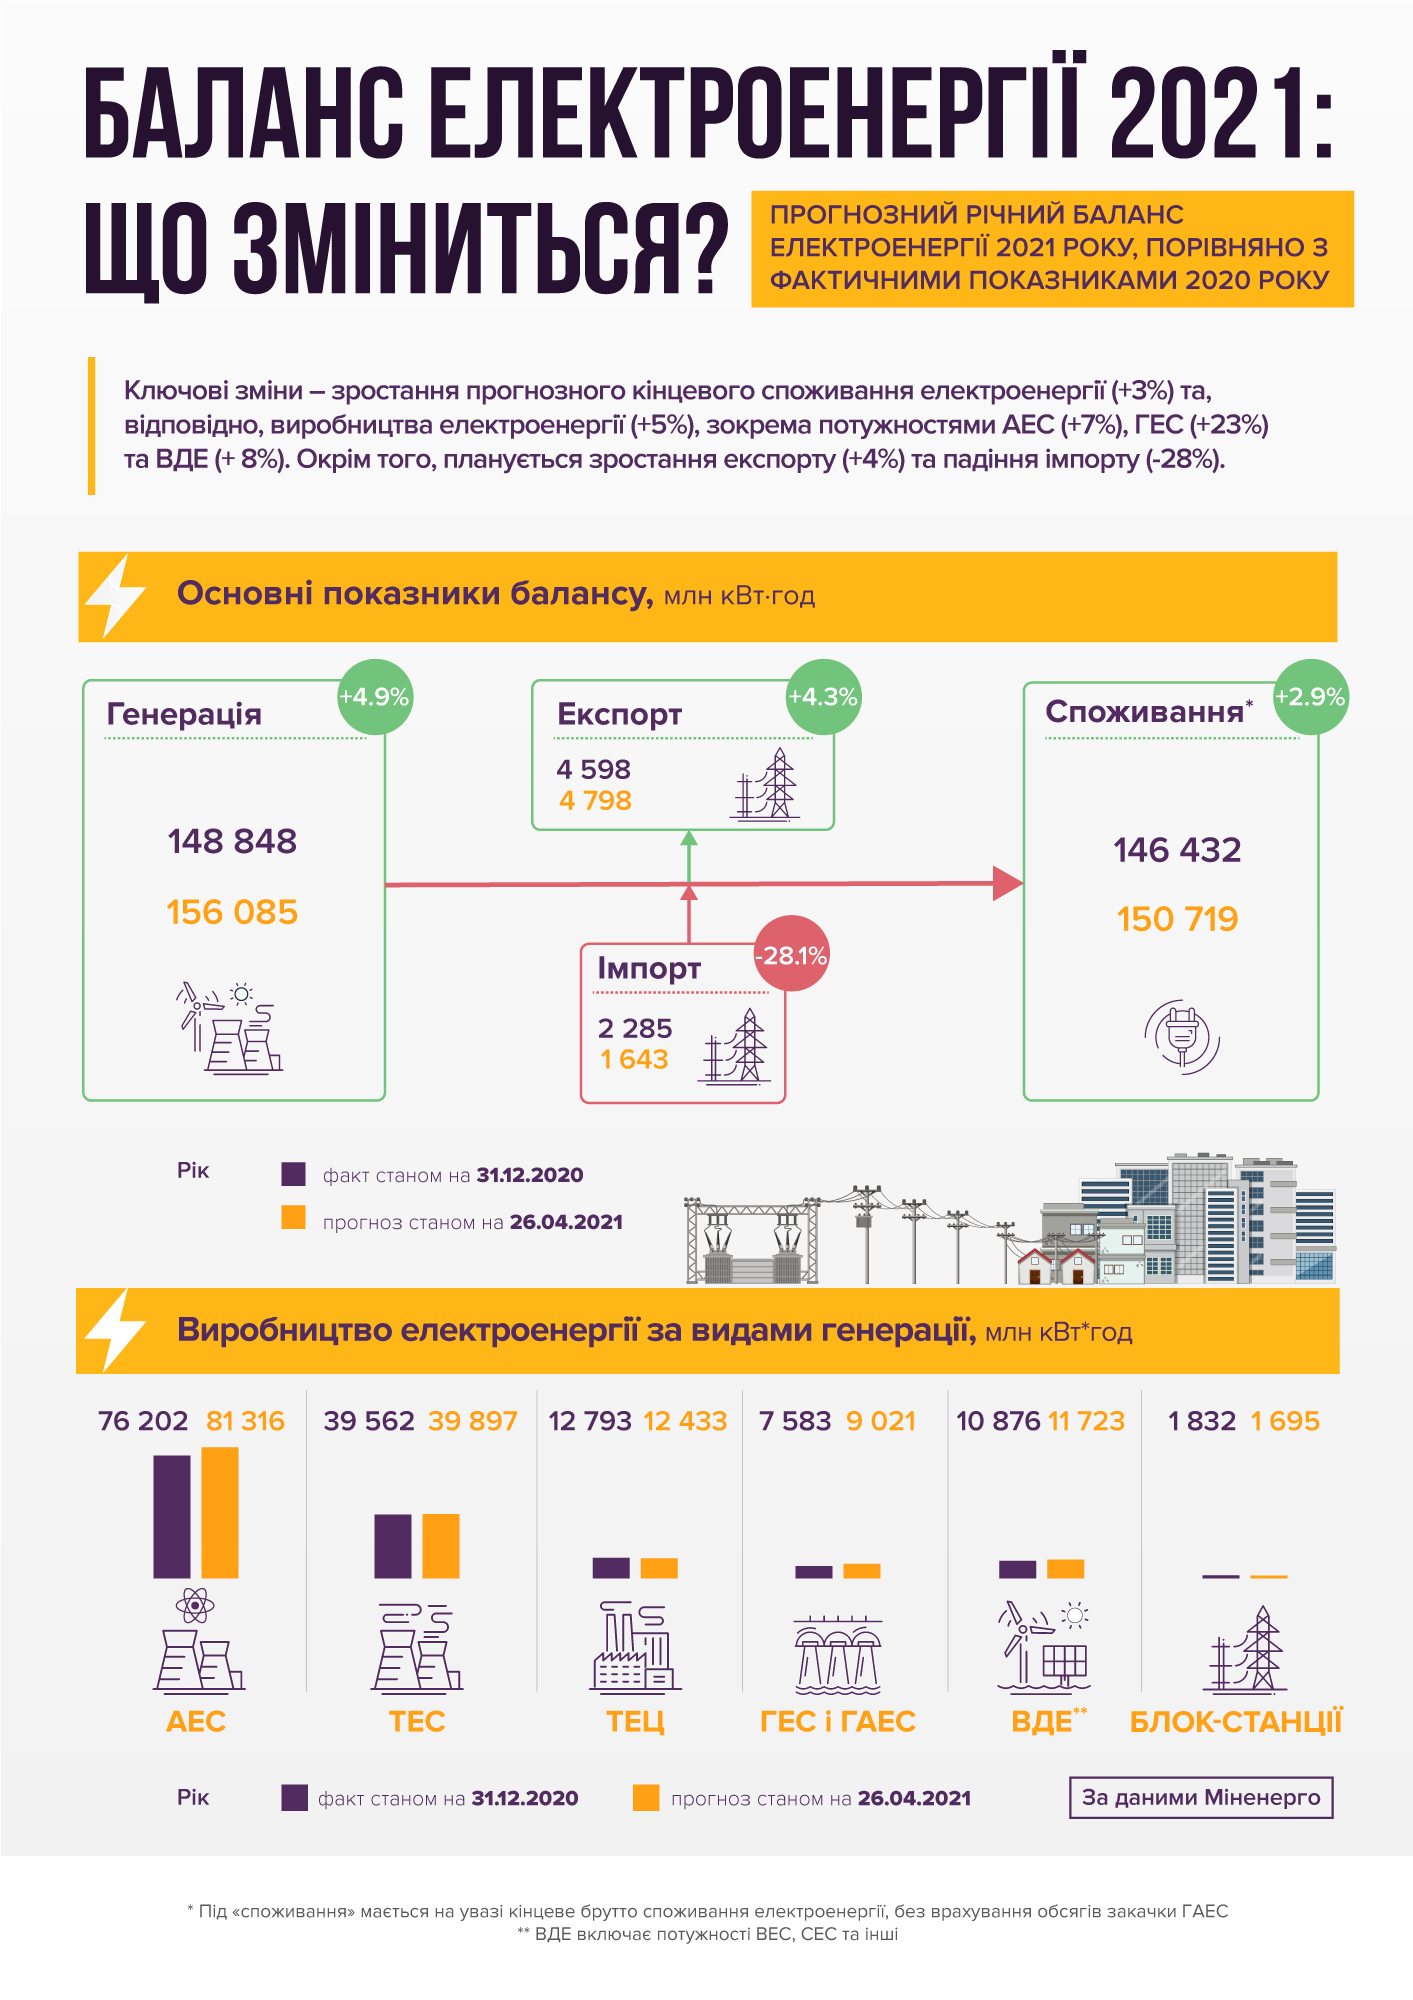 Баланс електроенергії 2021: що зміниться? (інфографіка)